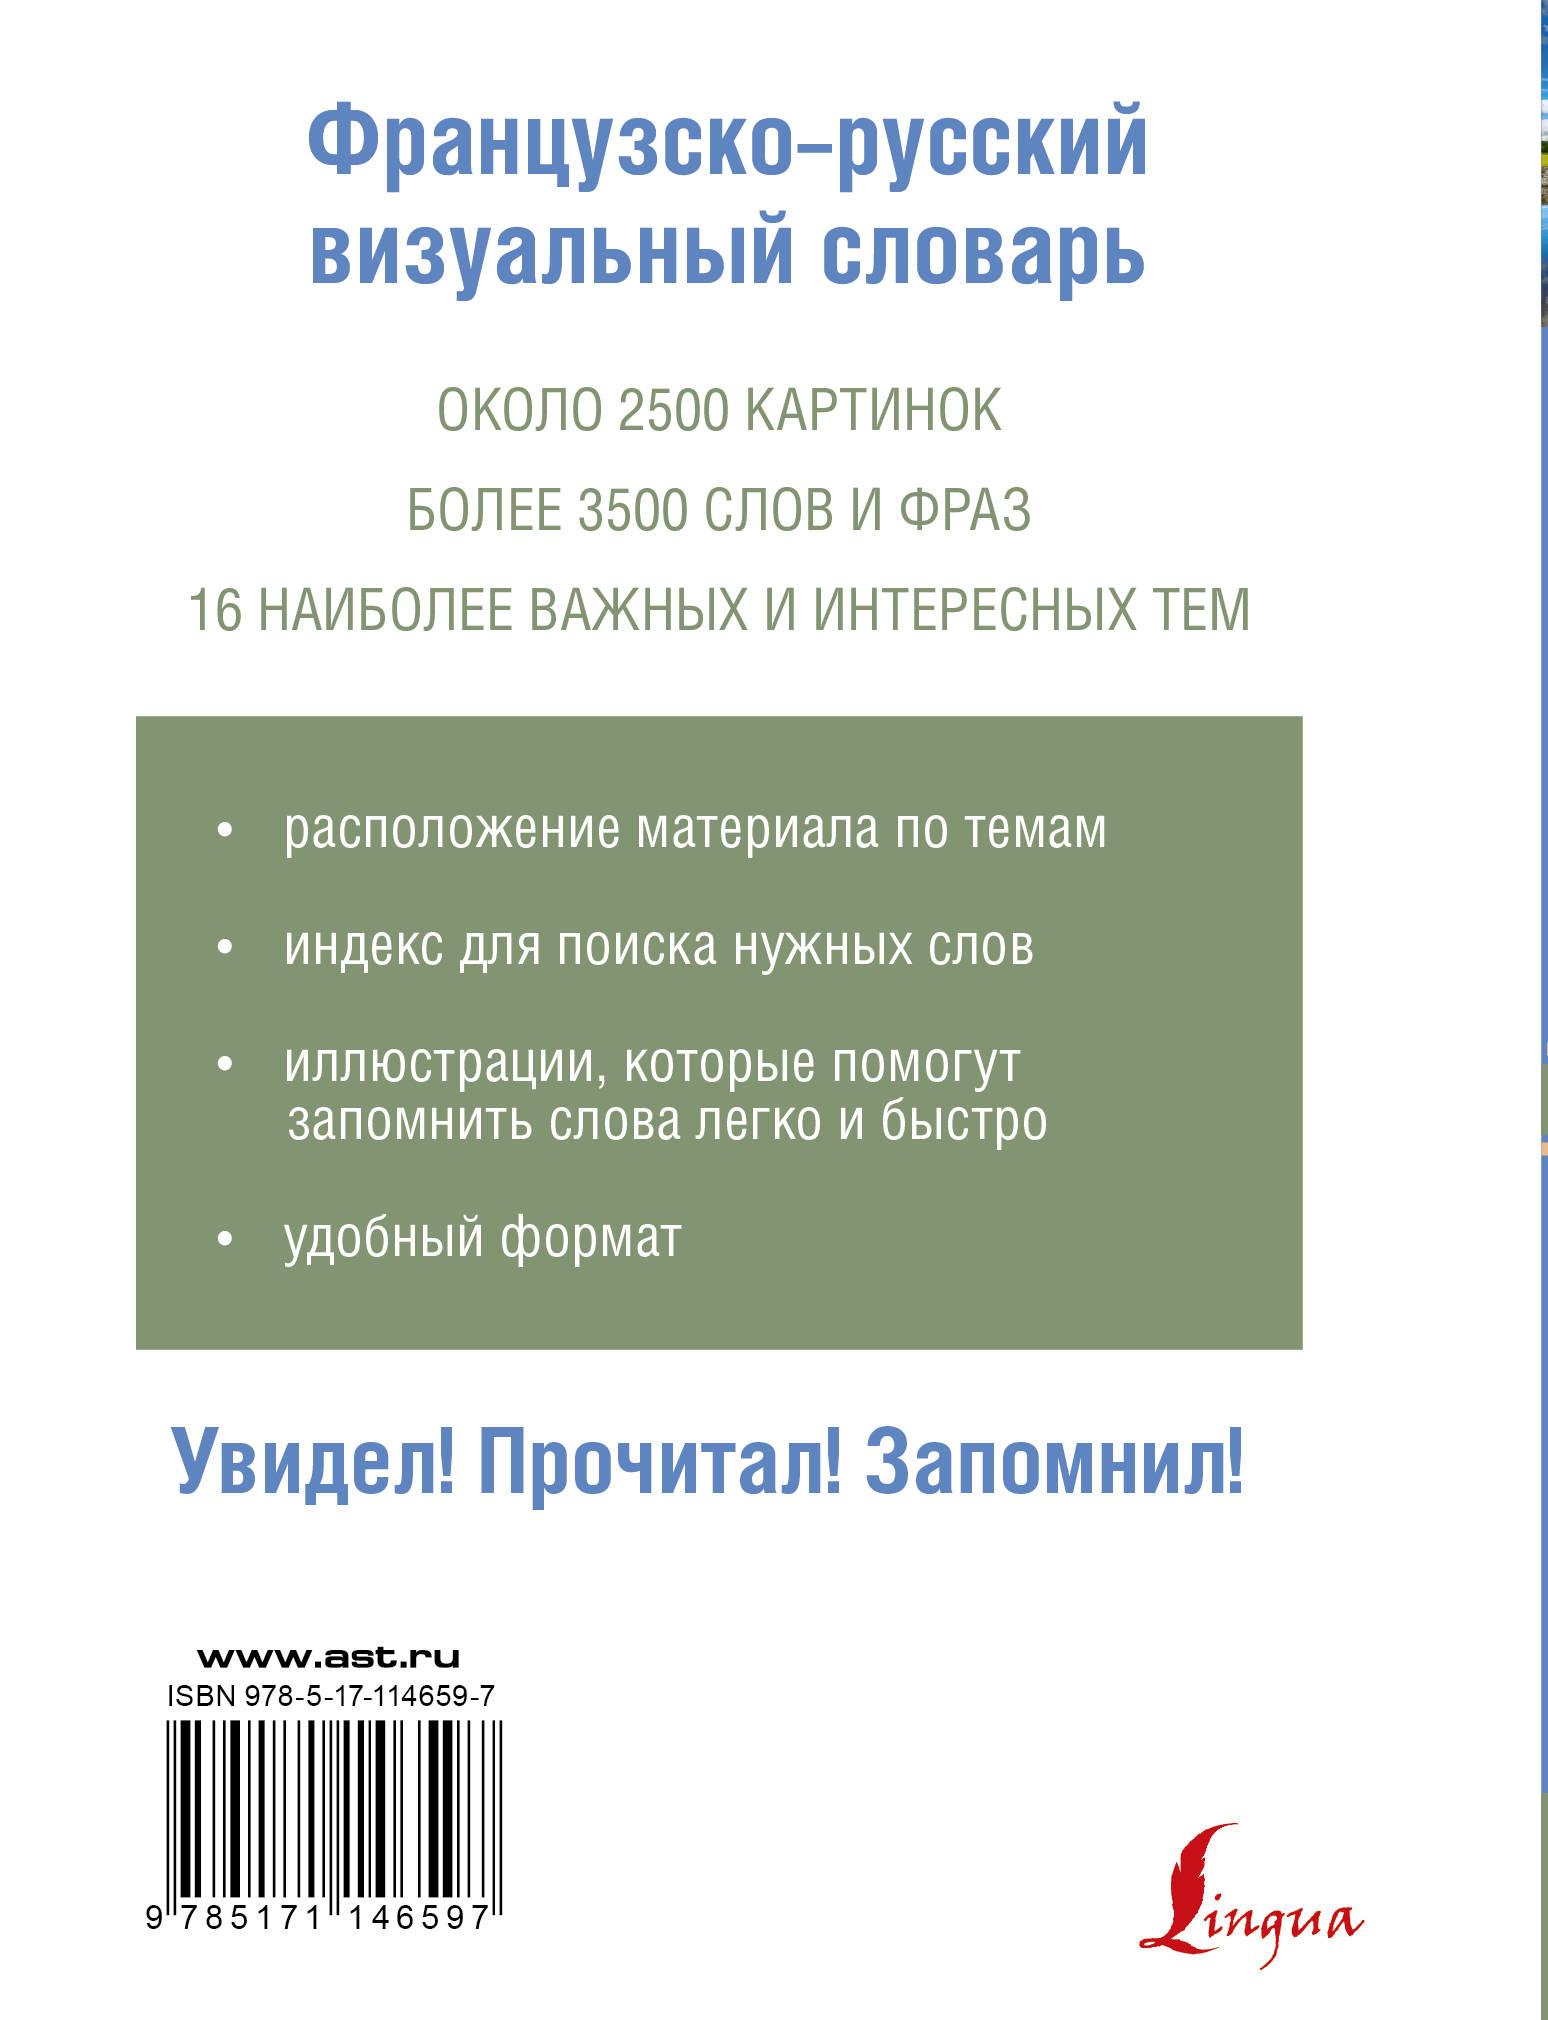 Французско-русский визуальный словарь 0x0